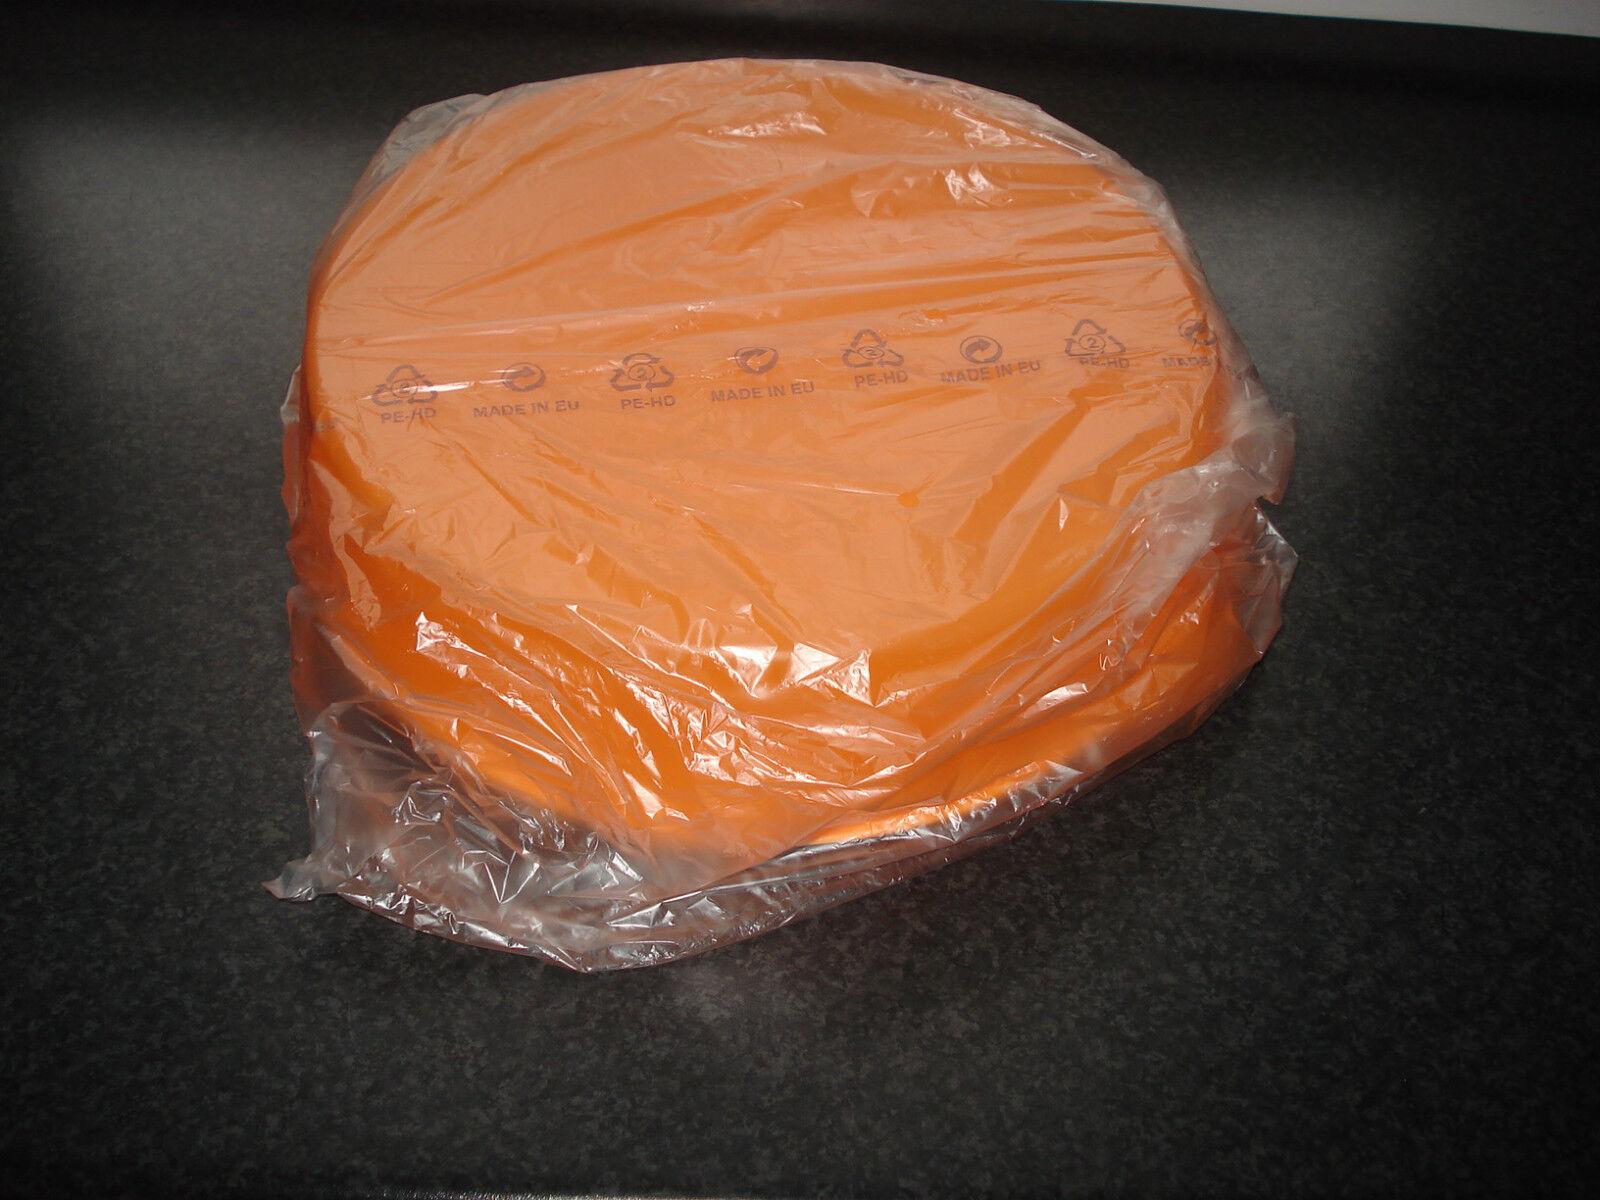 Tupperware Junge Welle runder Kuchenbehälter J 30  Kuchen - Behälter, rund. Neu